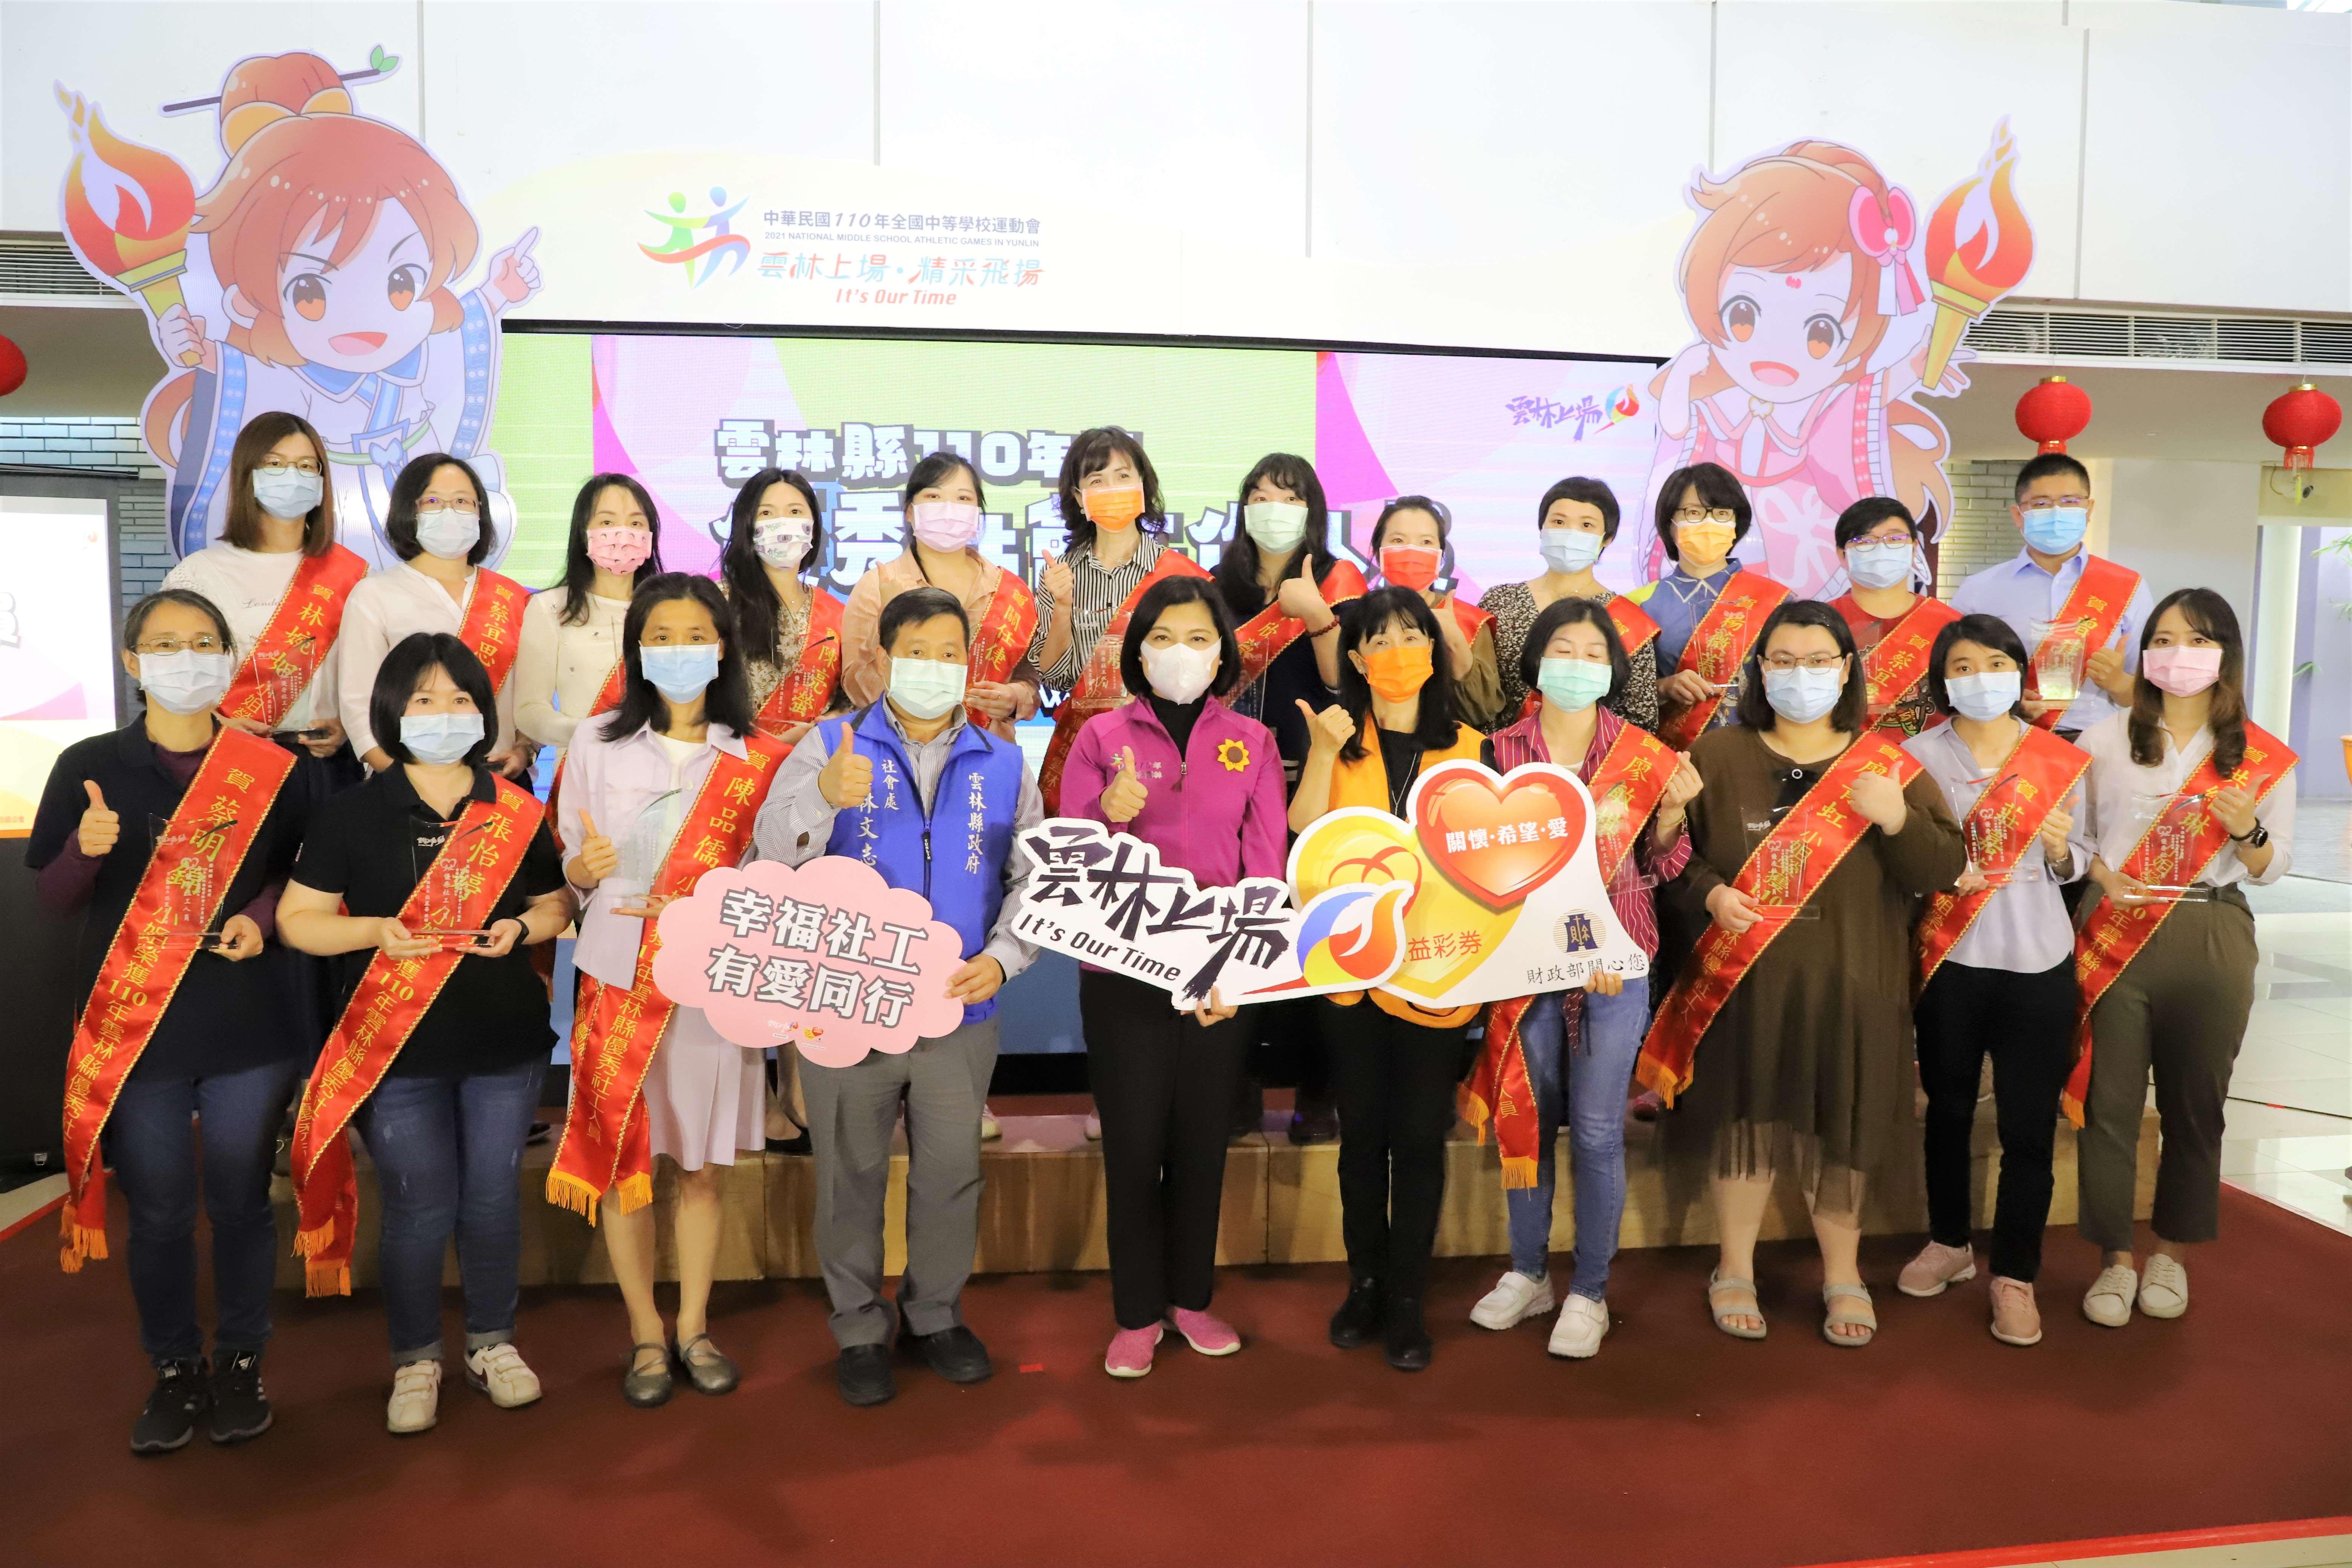 雲林縣110年度優秀社會工作人員表揚活動,張縣長頒獎表揚19位優秀社工,感謝他們的辛勞付出。